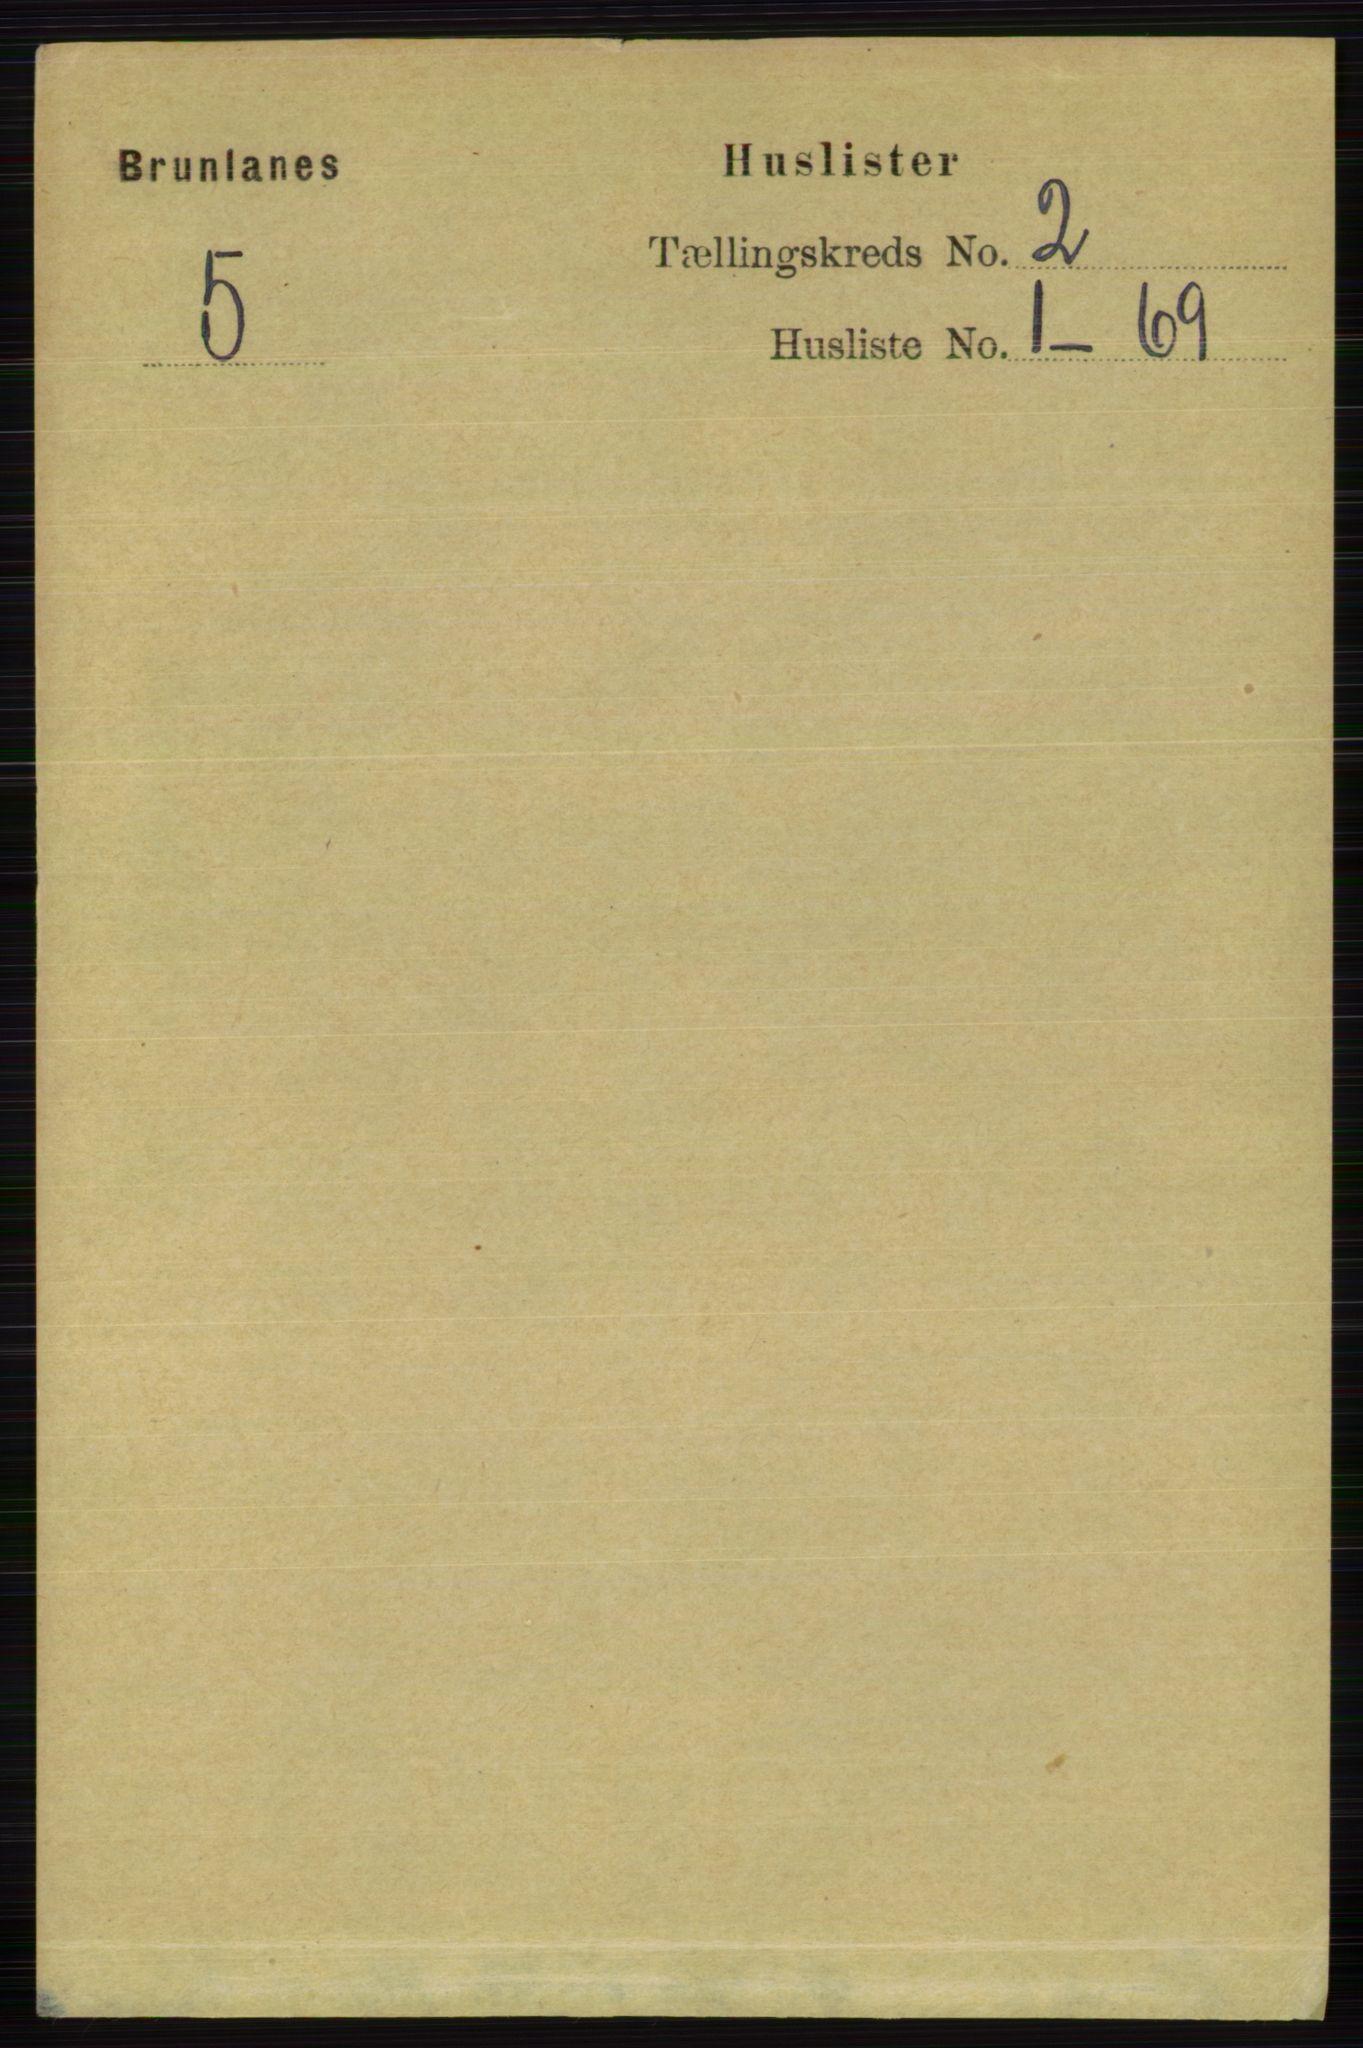 RA, Folketelling 1891 for 0726 Brunlanes herred, 1891, s. 600